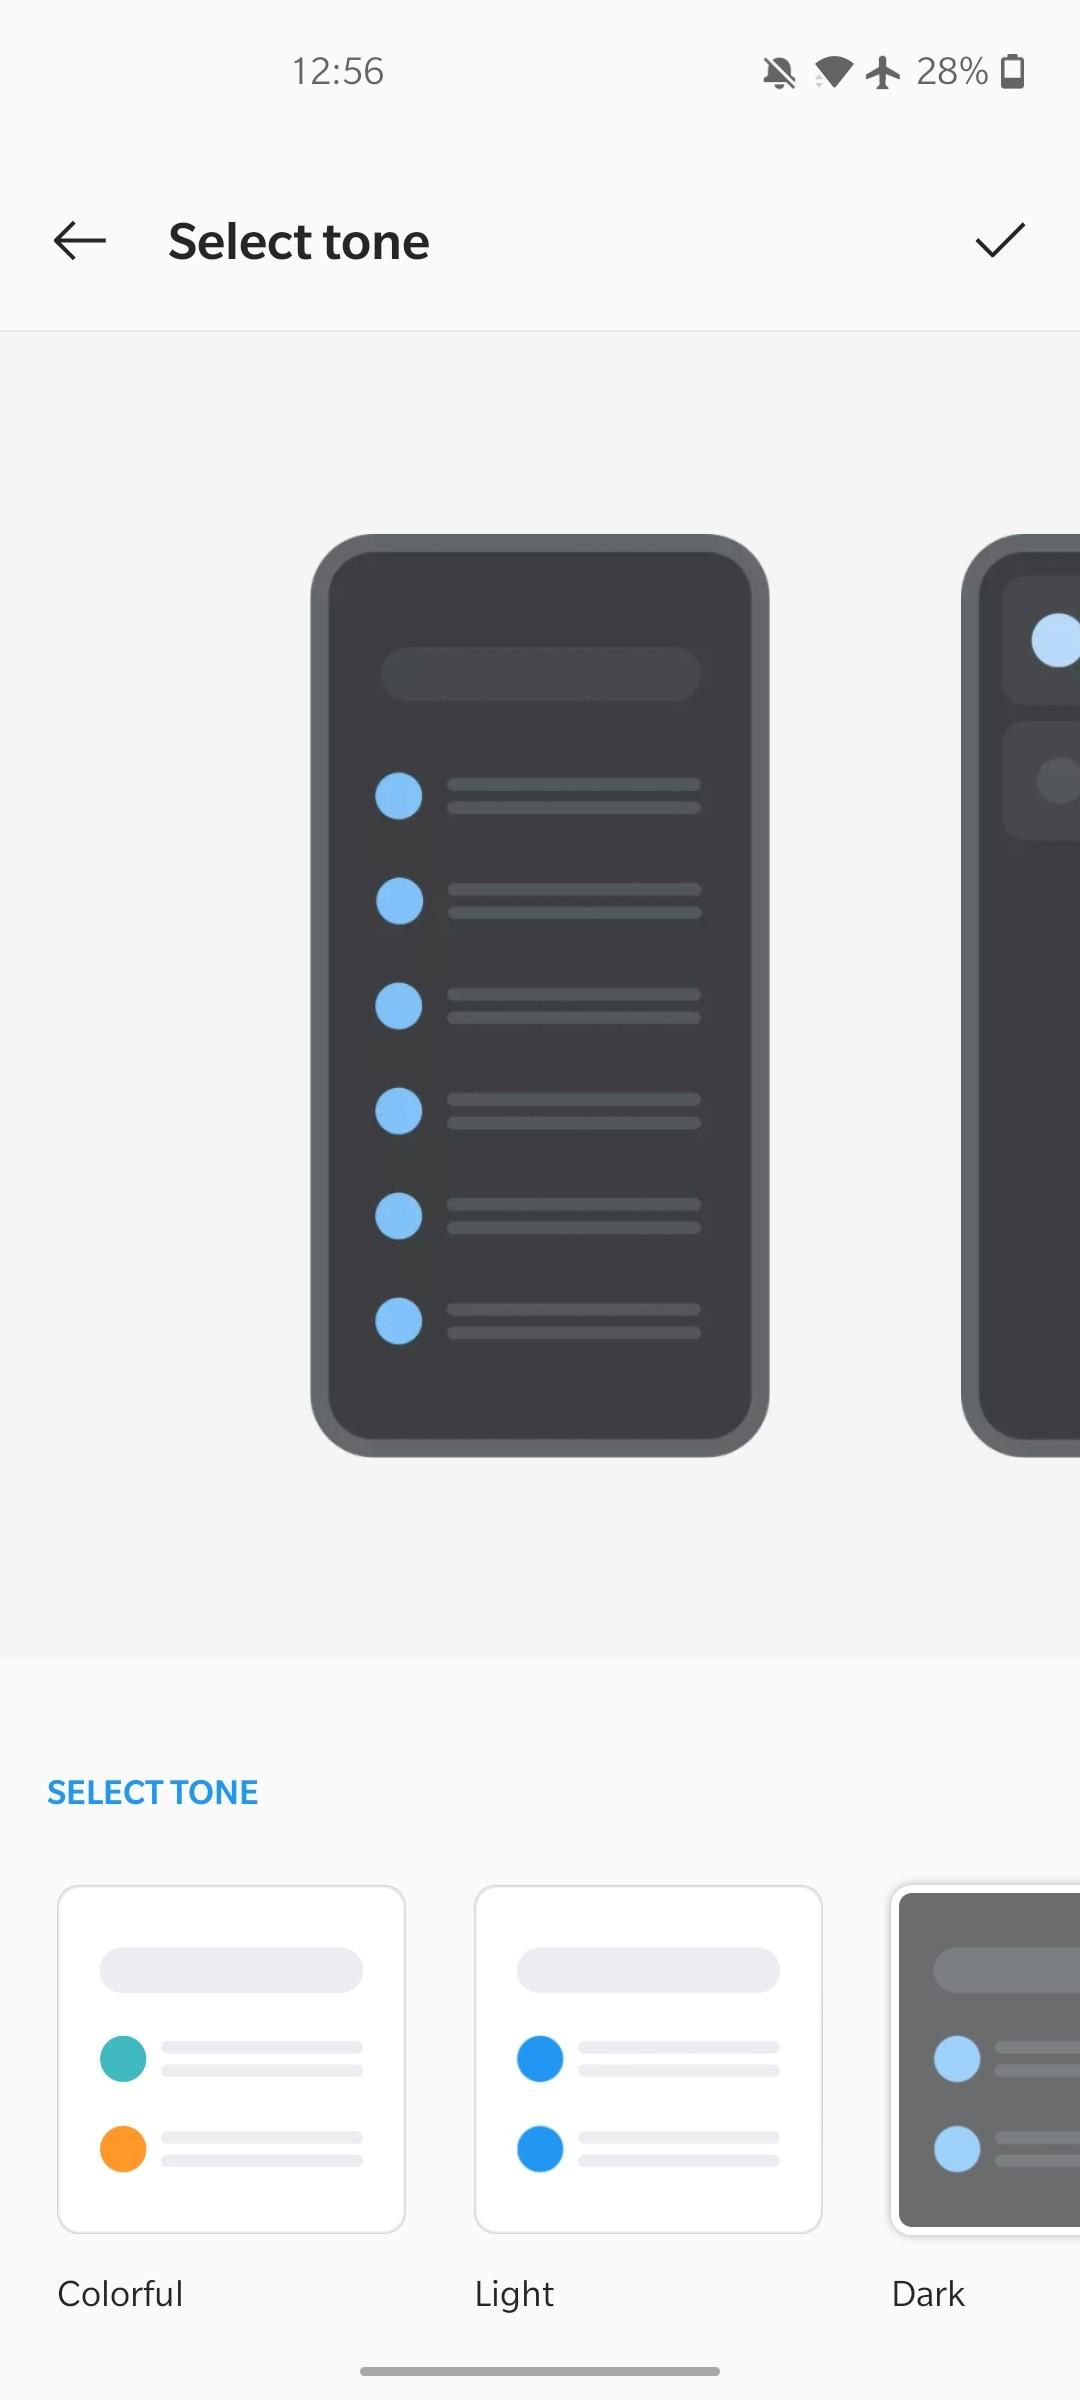 بررسی کامل تخصصی گوشی OnePlus Nord: متناسب نبودن قیمت با کیفیت